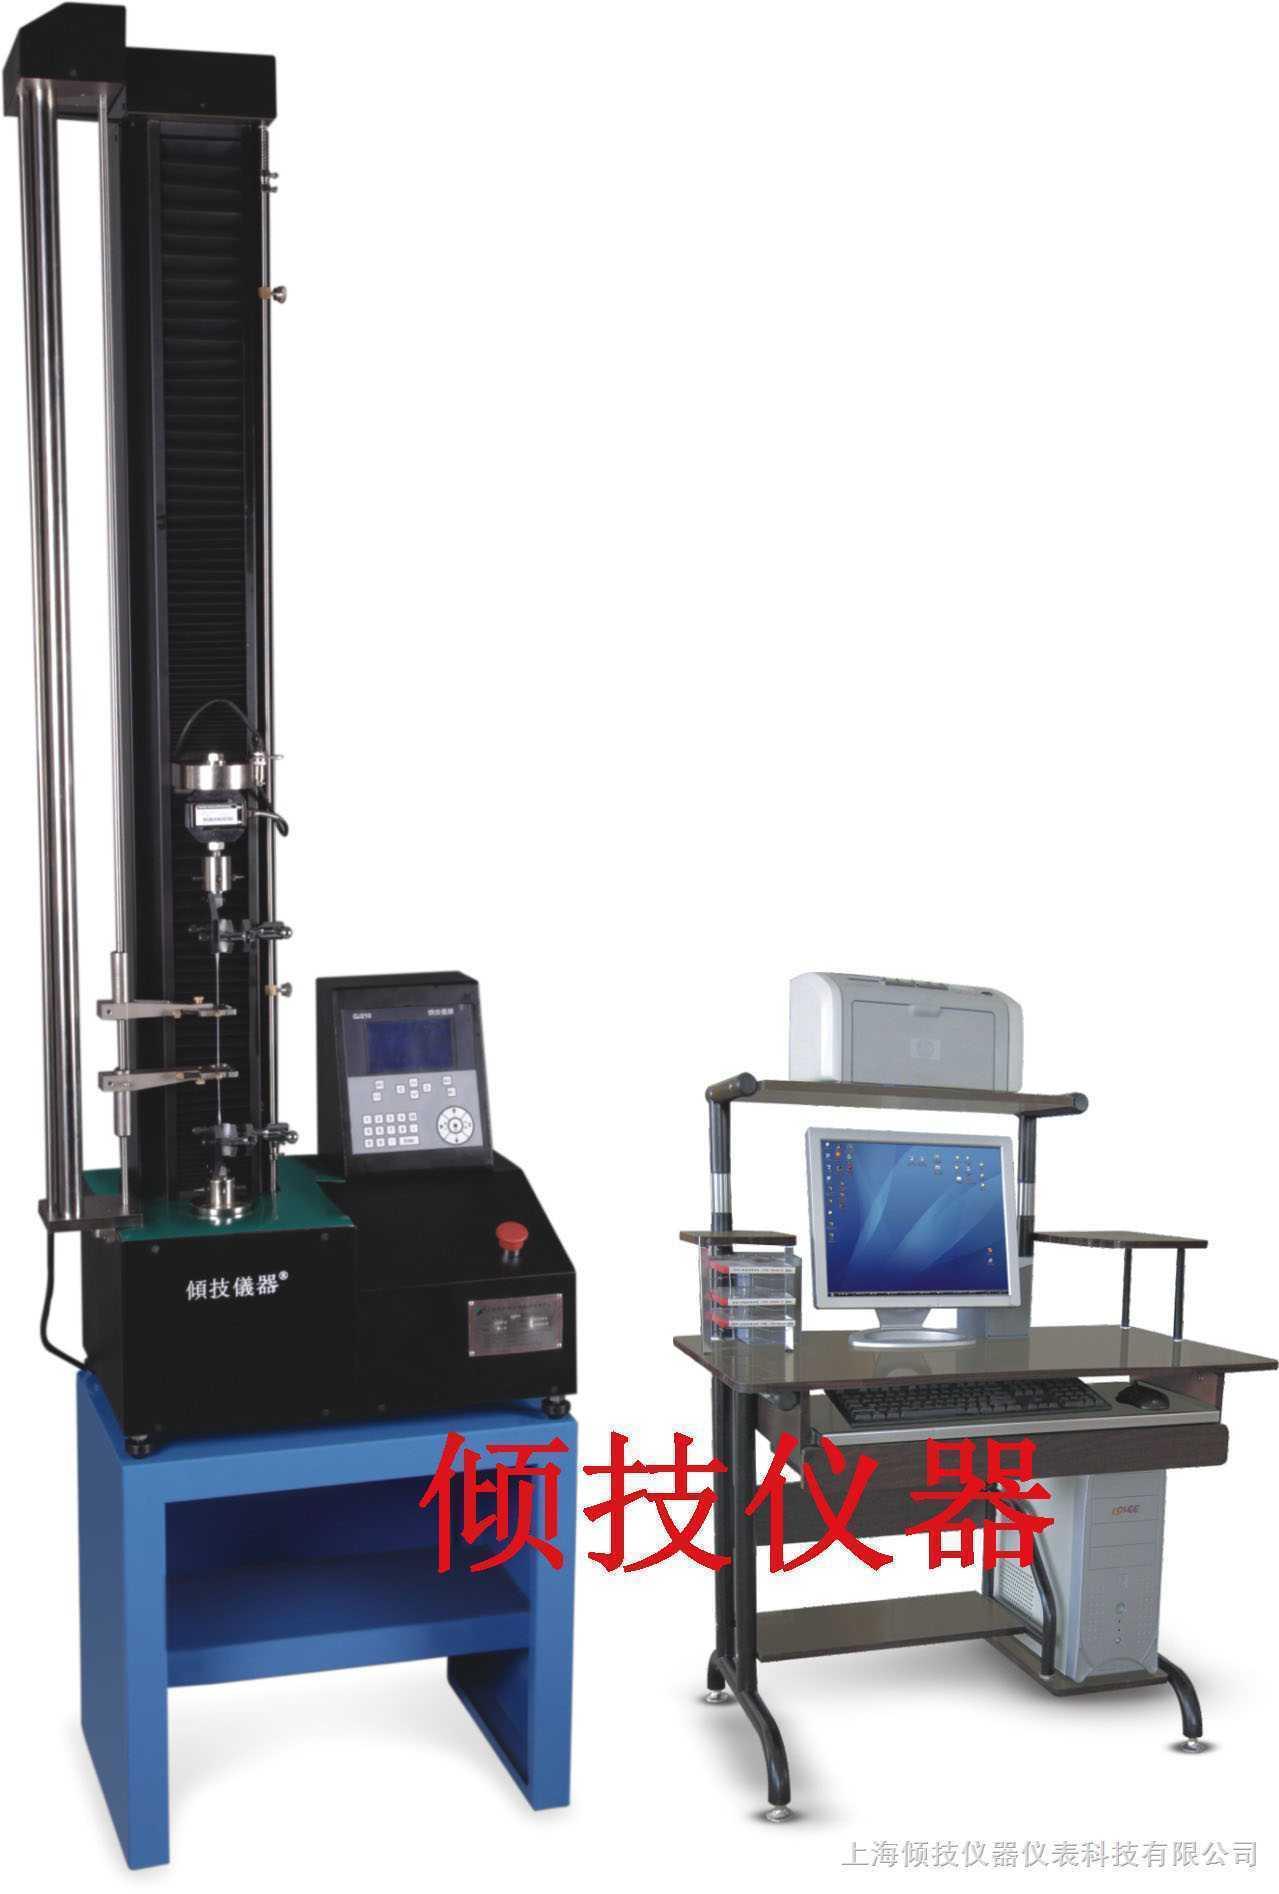 万能拉力试验机、上海万能拉力测试机、单柱拉力机、单柱拉力试验机